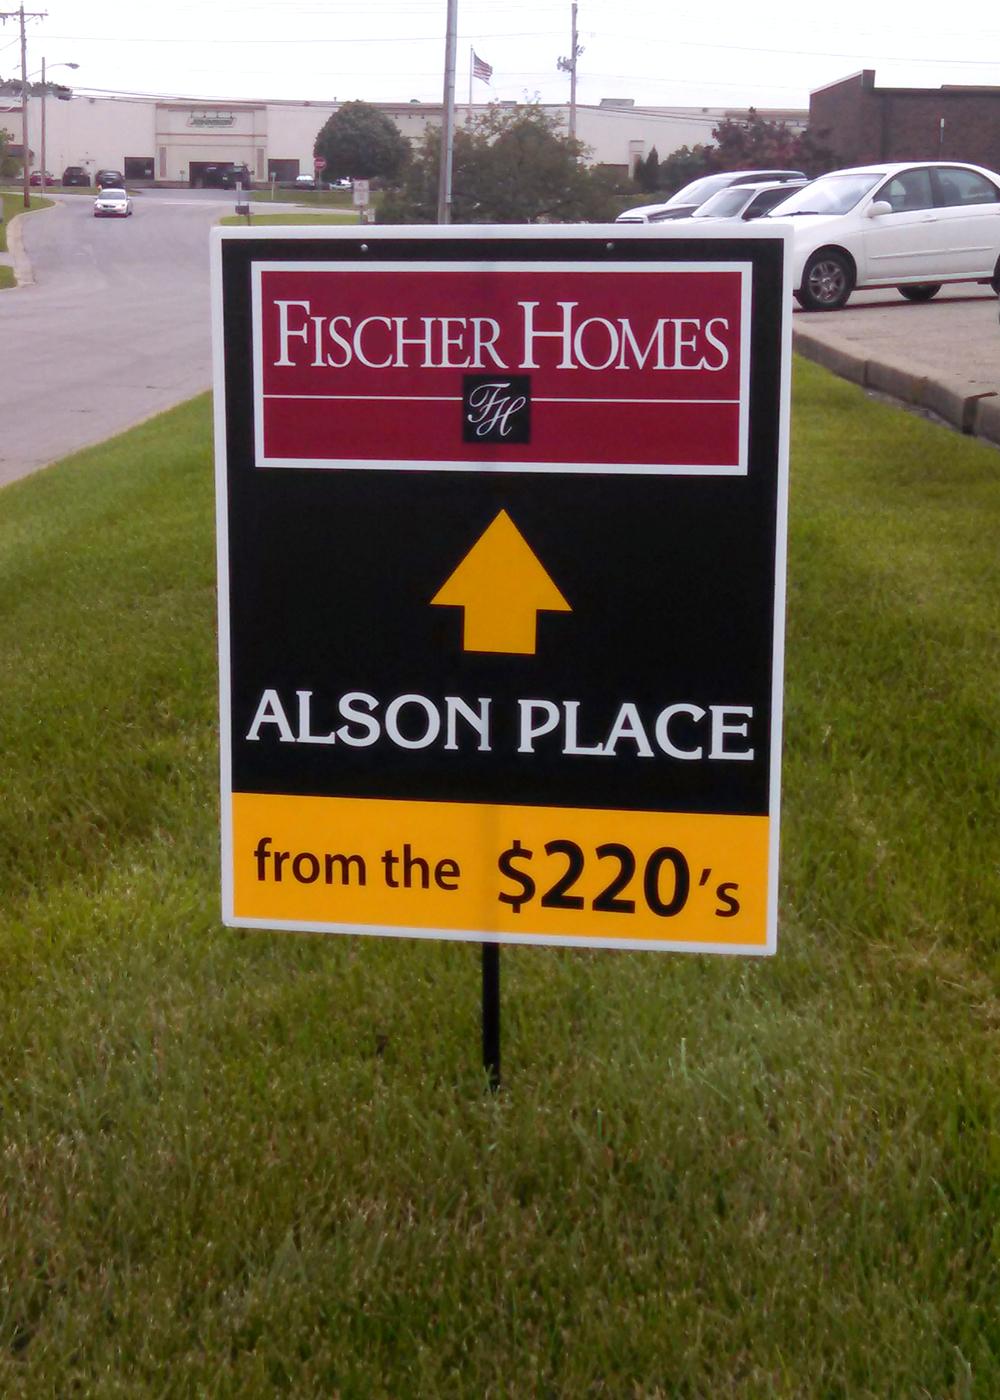 2015.07.07 Fischer Alson Place Directional.jpg